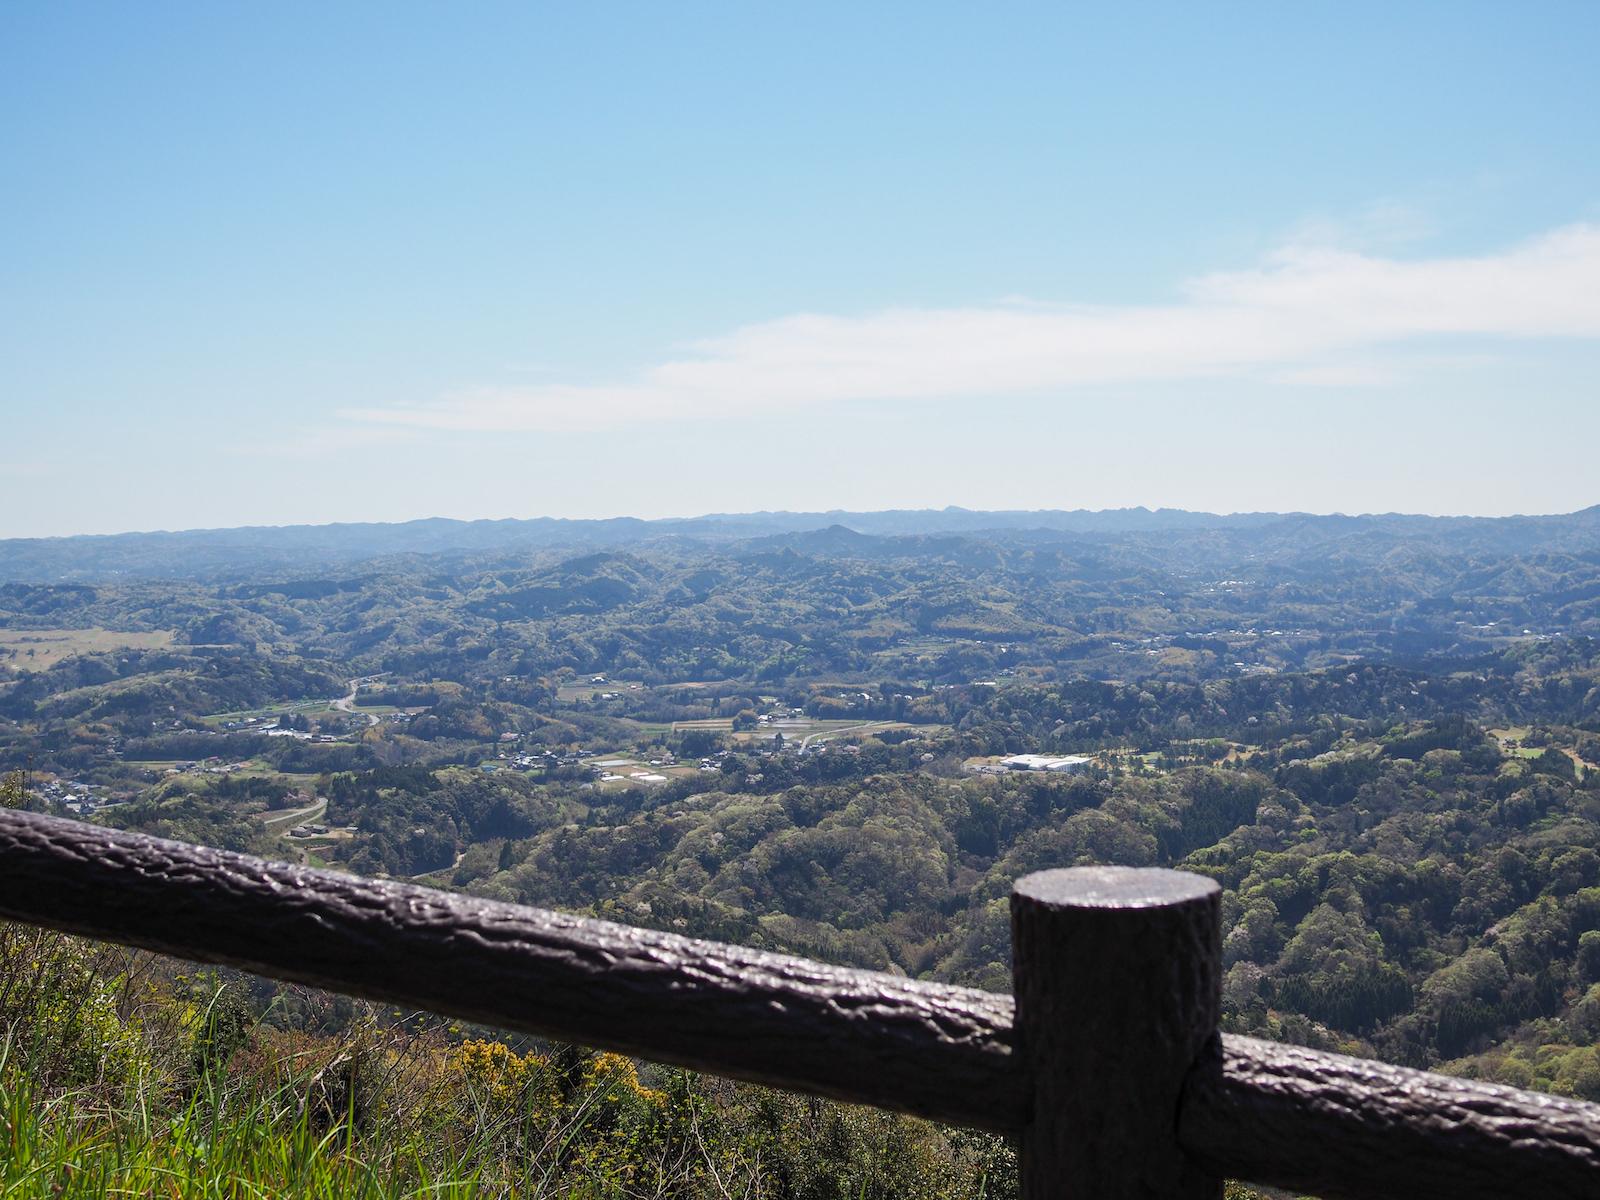 眼下に房総丘陵を臨む、先人はこの奇観を九十九谷(くじゅうくたに)と呼びました。